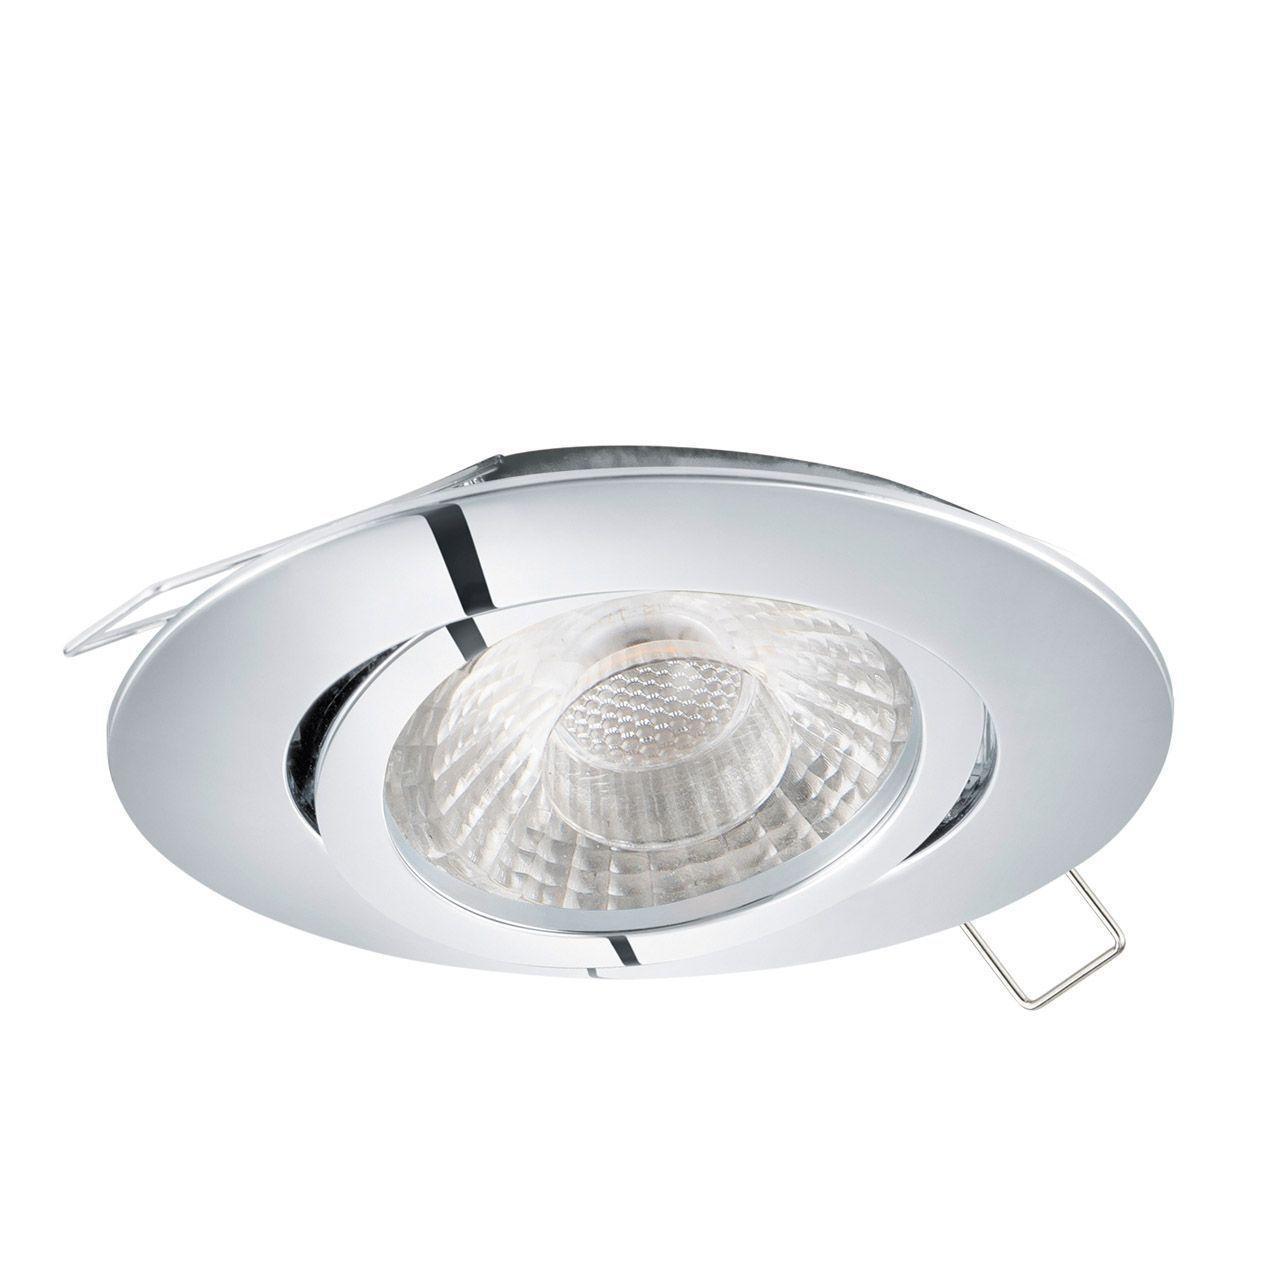 Встраиваемый светодиодный светильник Eglo Tedo 1 95355 встраиваемый светодиодный светильник eglo tedo 1 95356